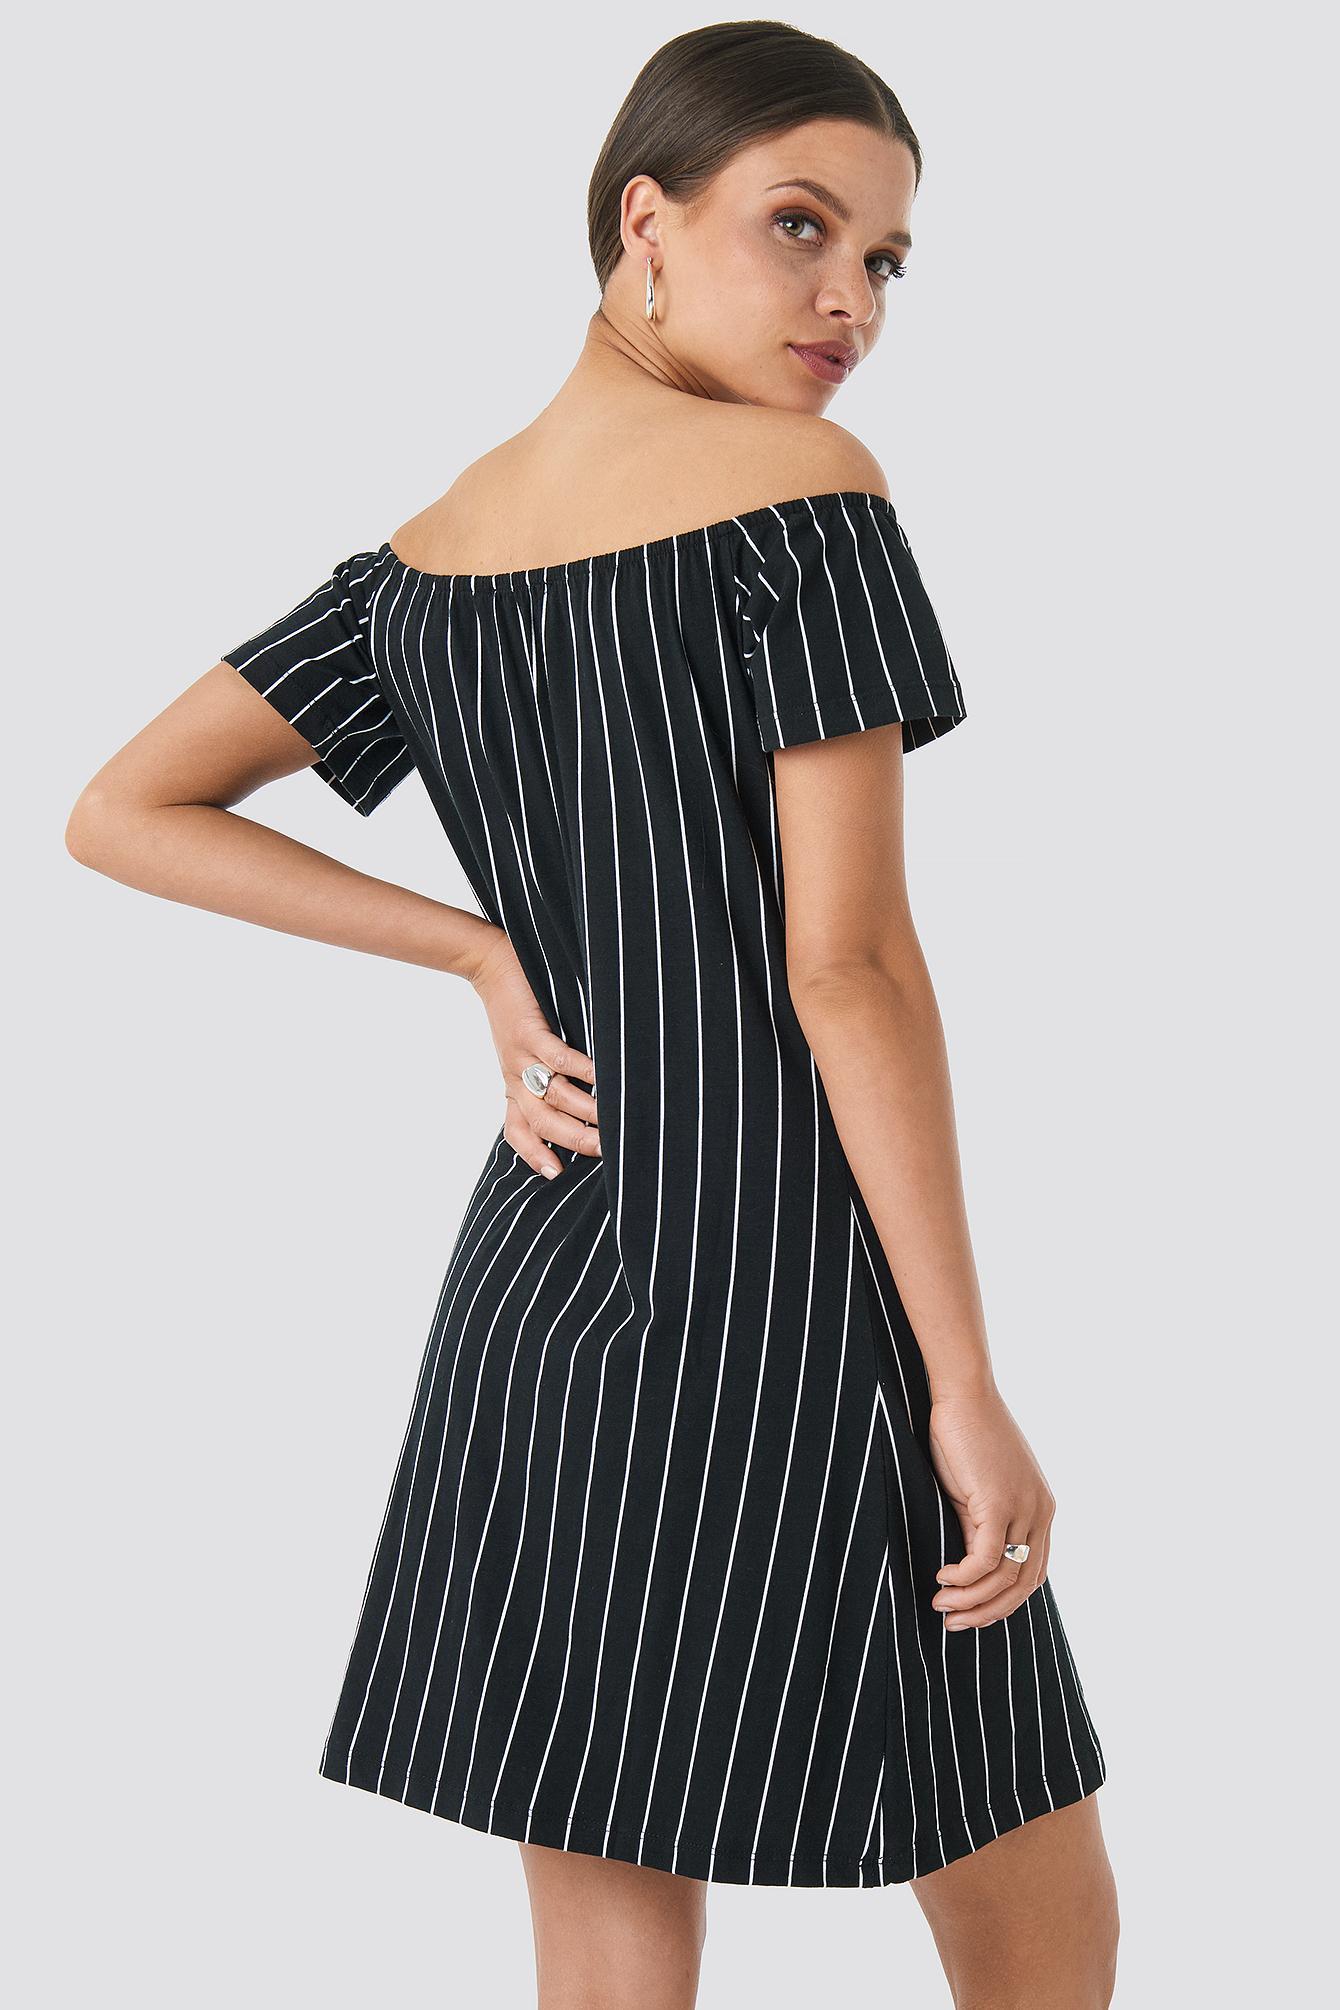 476d4d56b38 Trendyol - Yol Striped Mini Dress Black - Lyst. View fullscreen